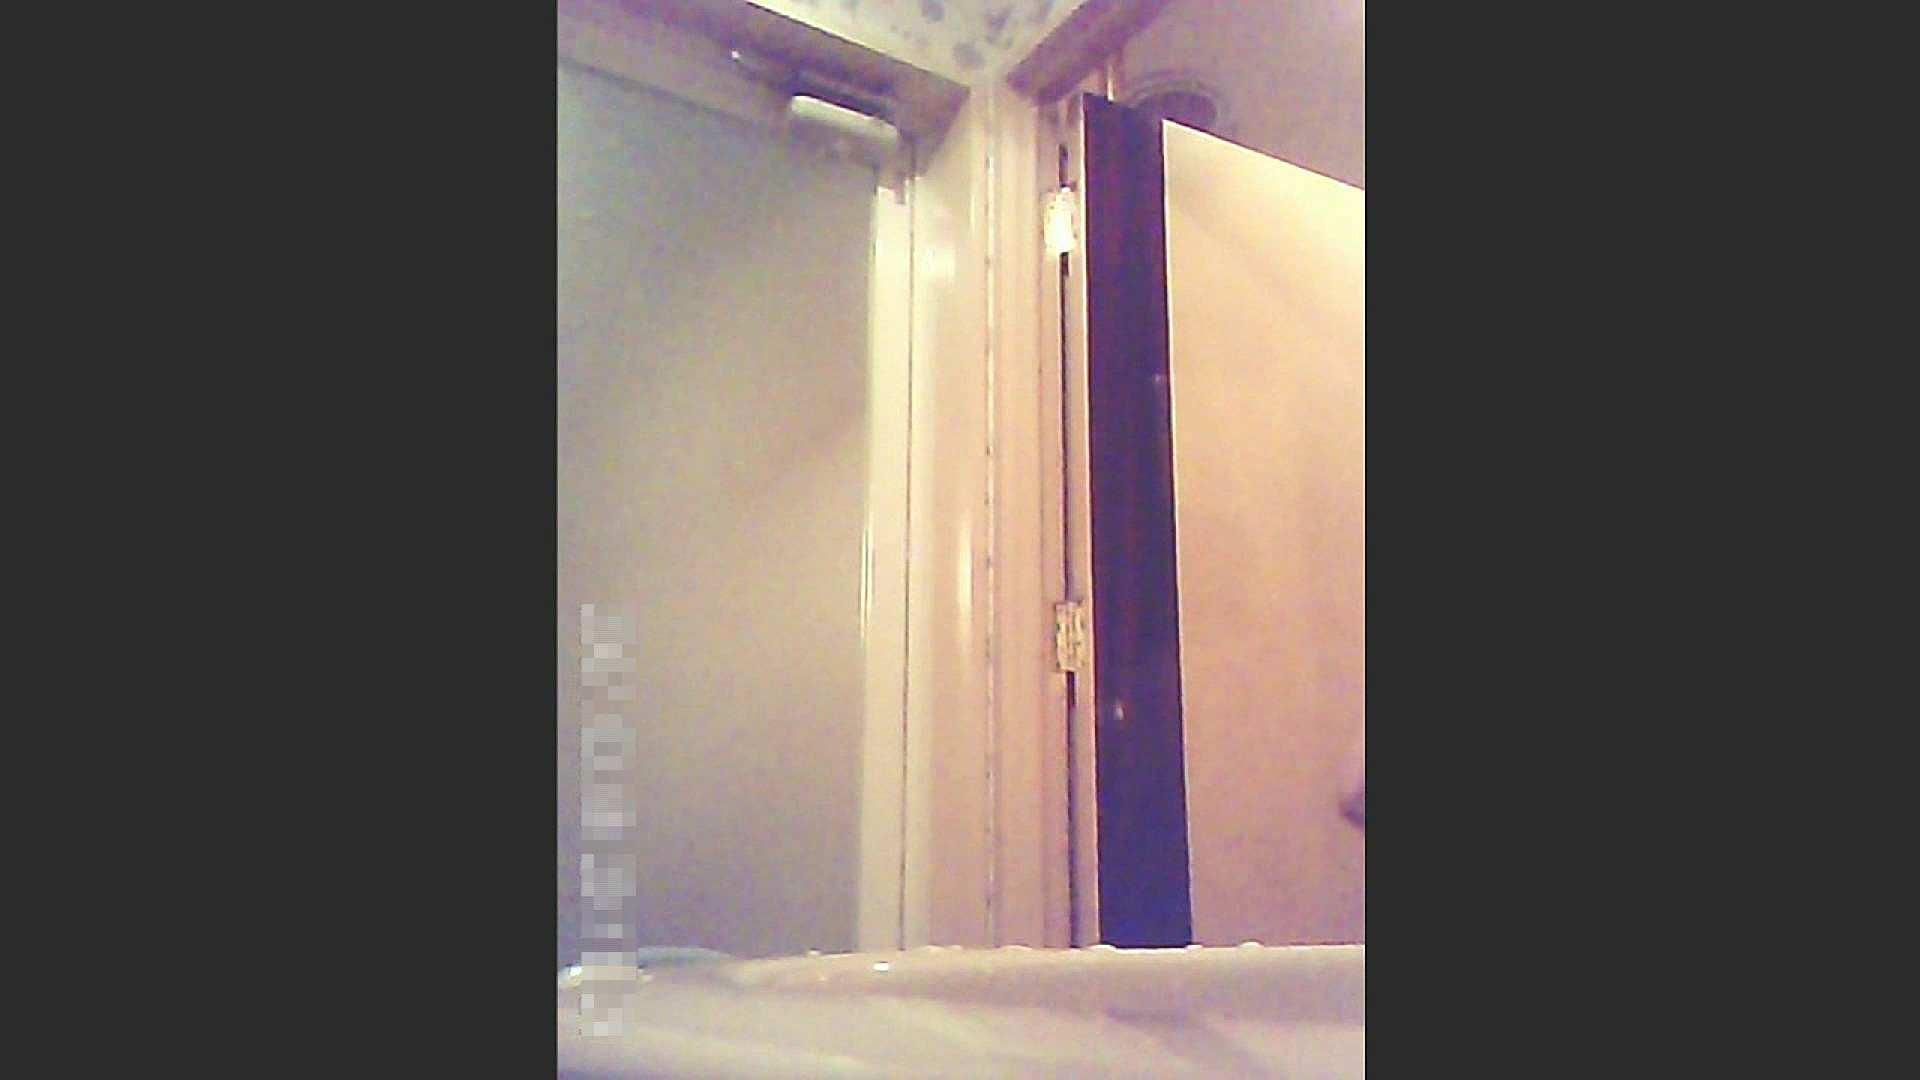 ▲復活限定D▲バトミントン部 みさこ  Vol.14 脱衣編 シャワー室 われめAV動画紹介 49画像 5